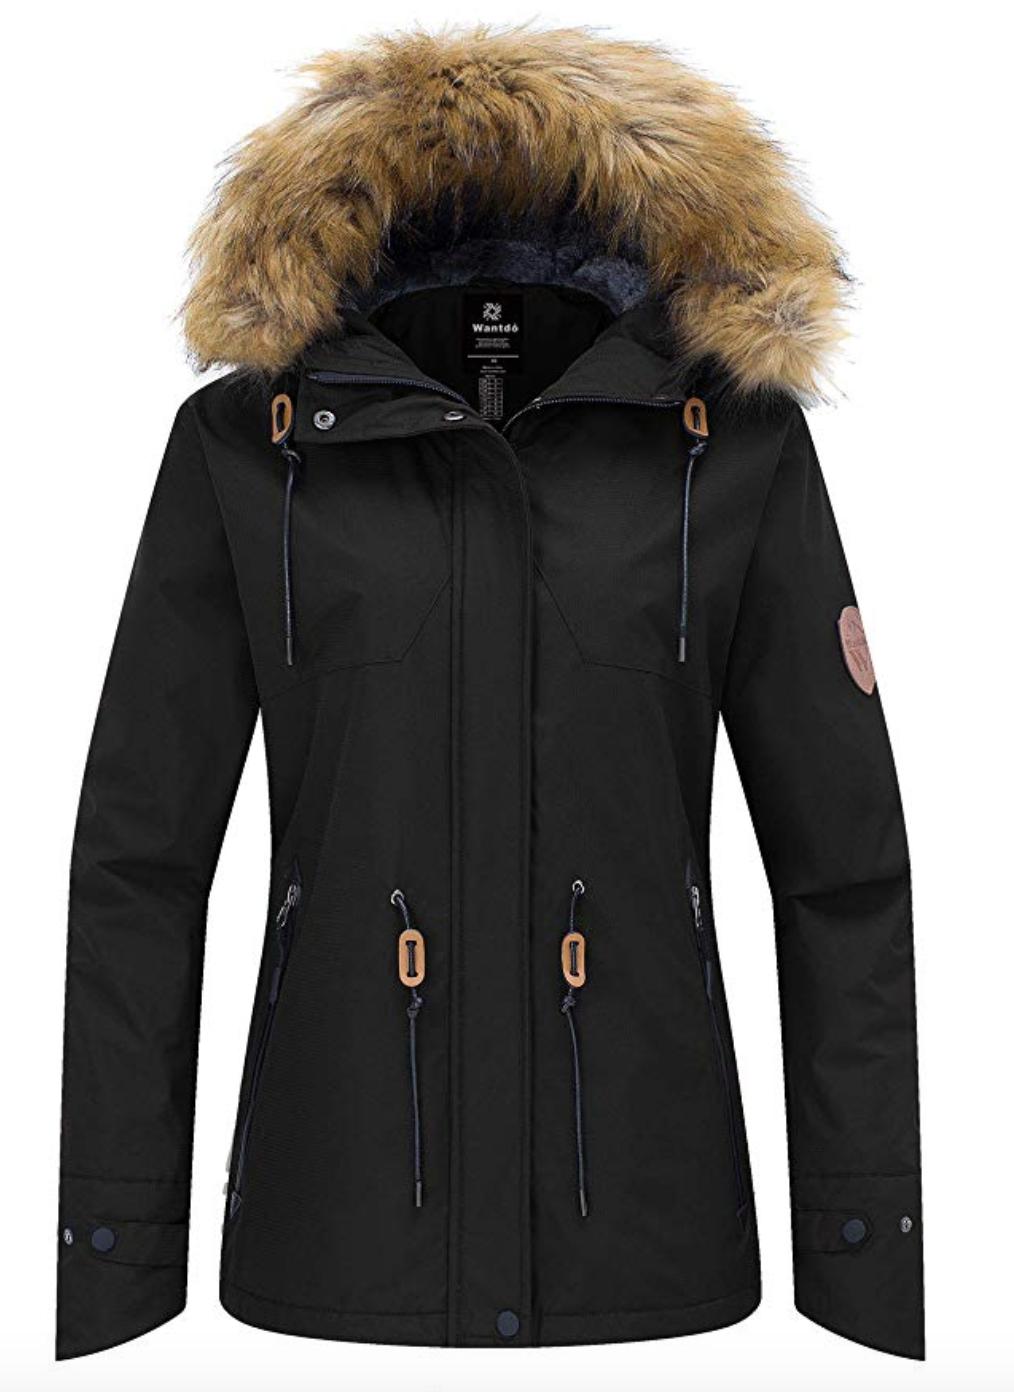 Wantdo Women's Waterproof Ski/Snowboard Jacket Under $150